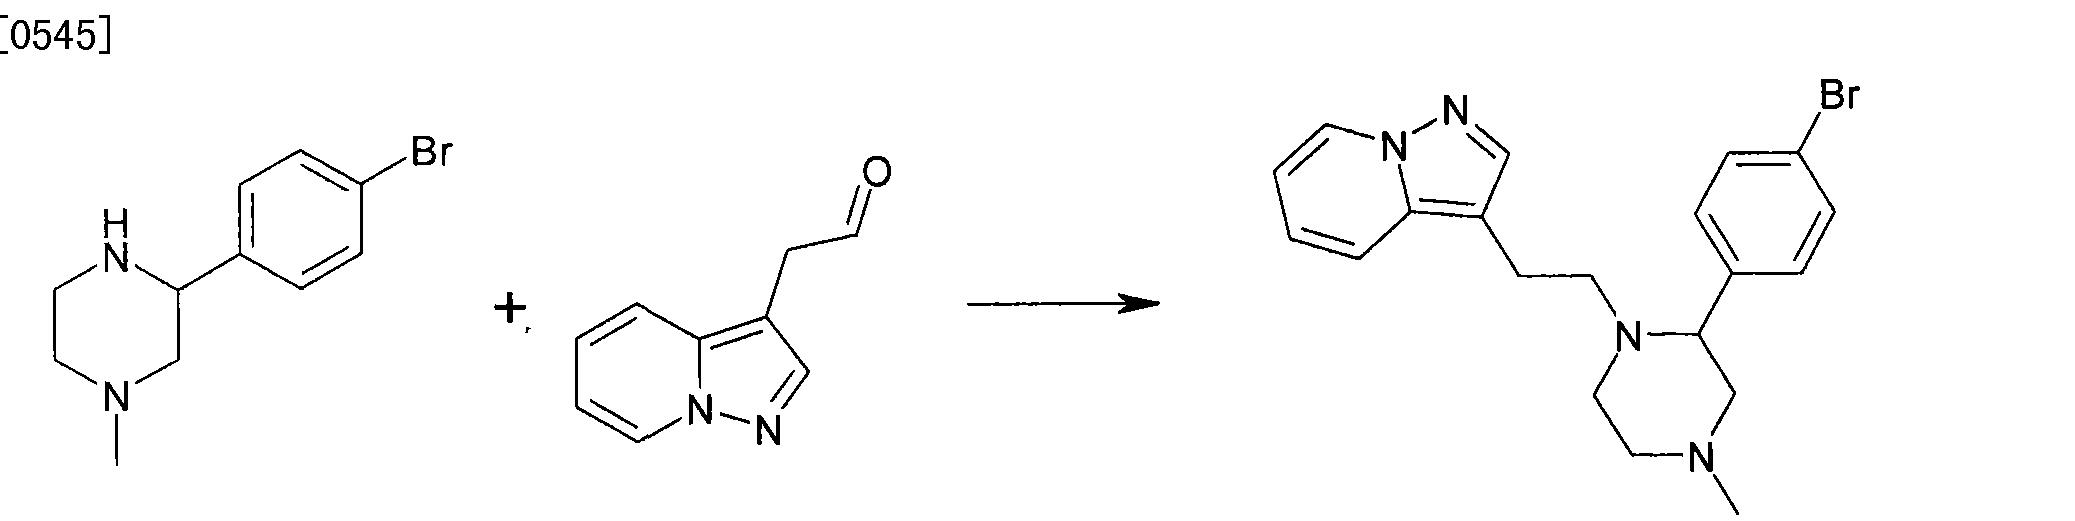 Figure CN102036955BD00852